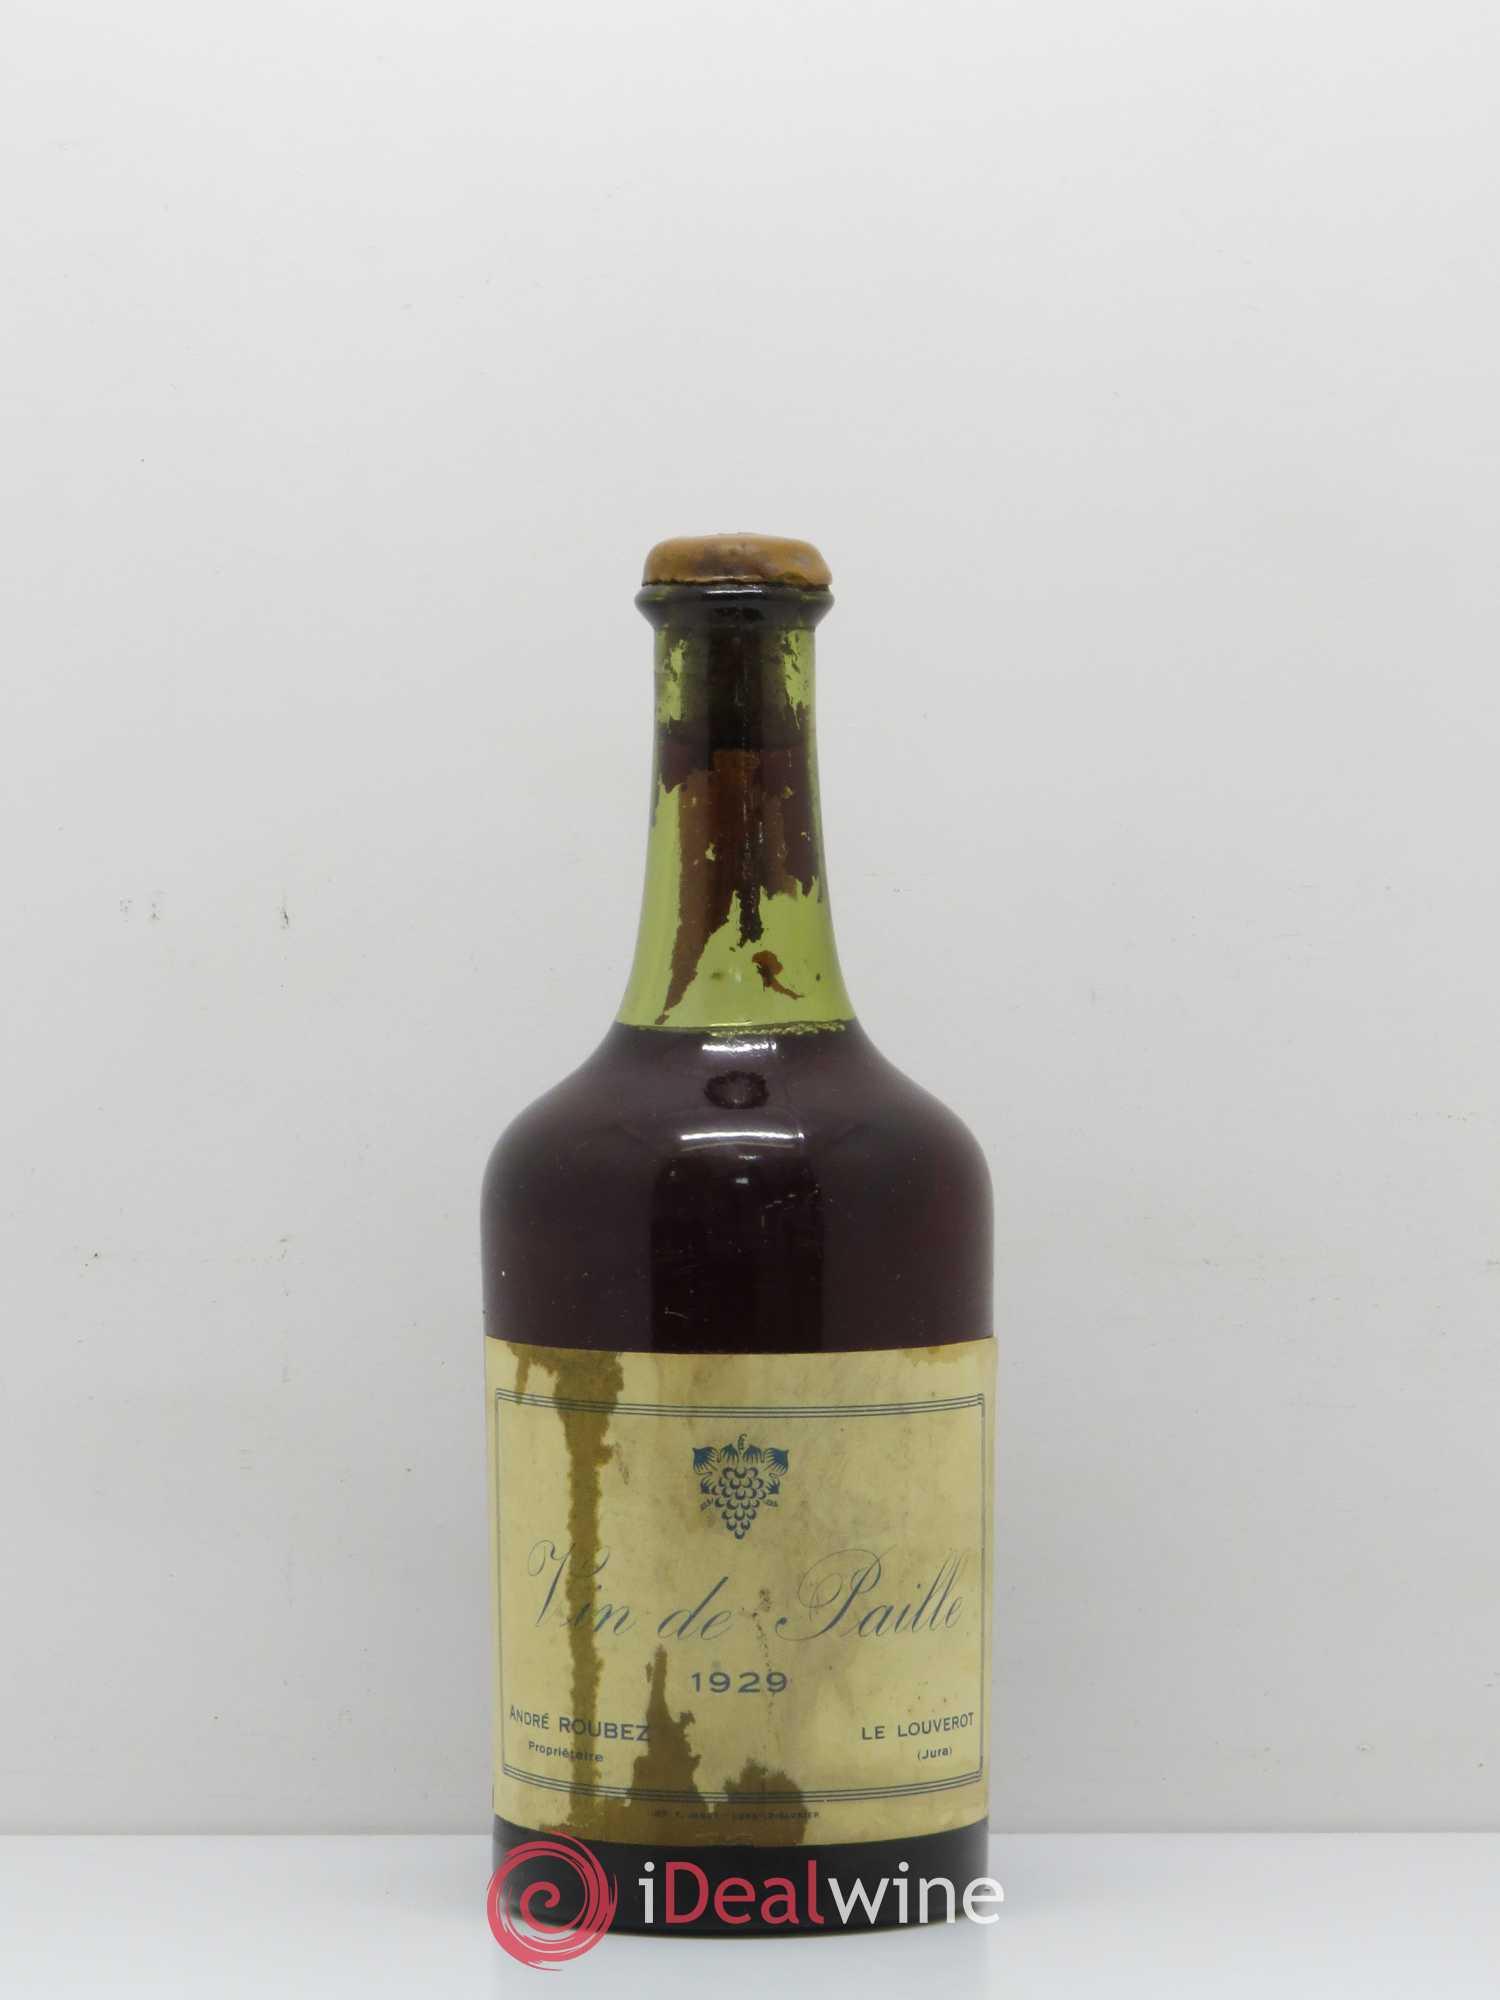 3f357263831 Côtes du Jura Vin de Paille André Roubez 1929 - Lot of 1 Bottle